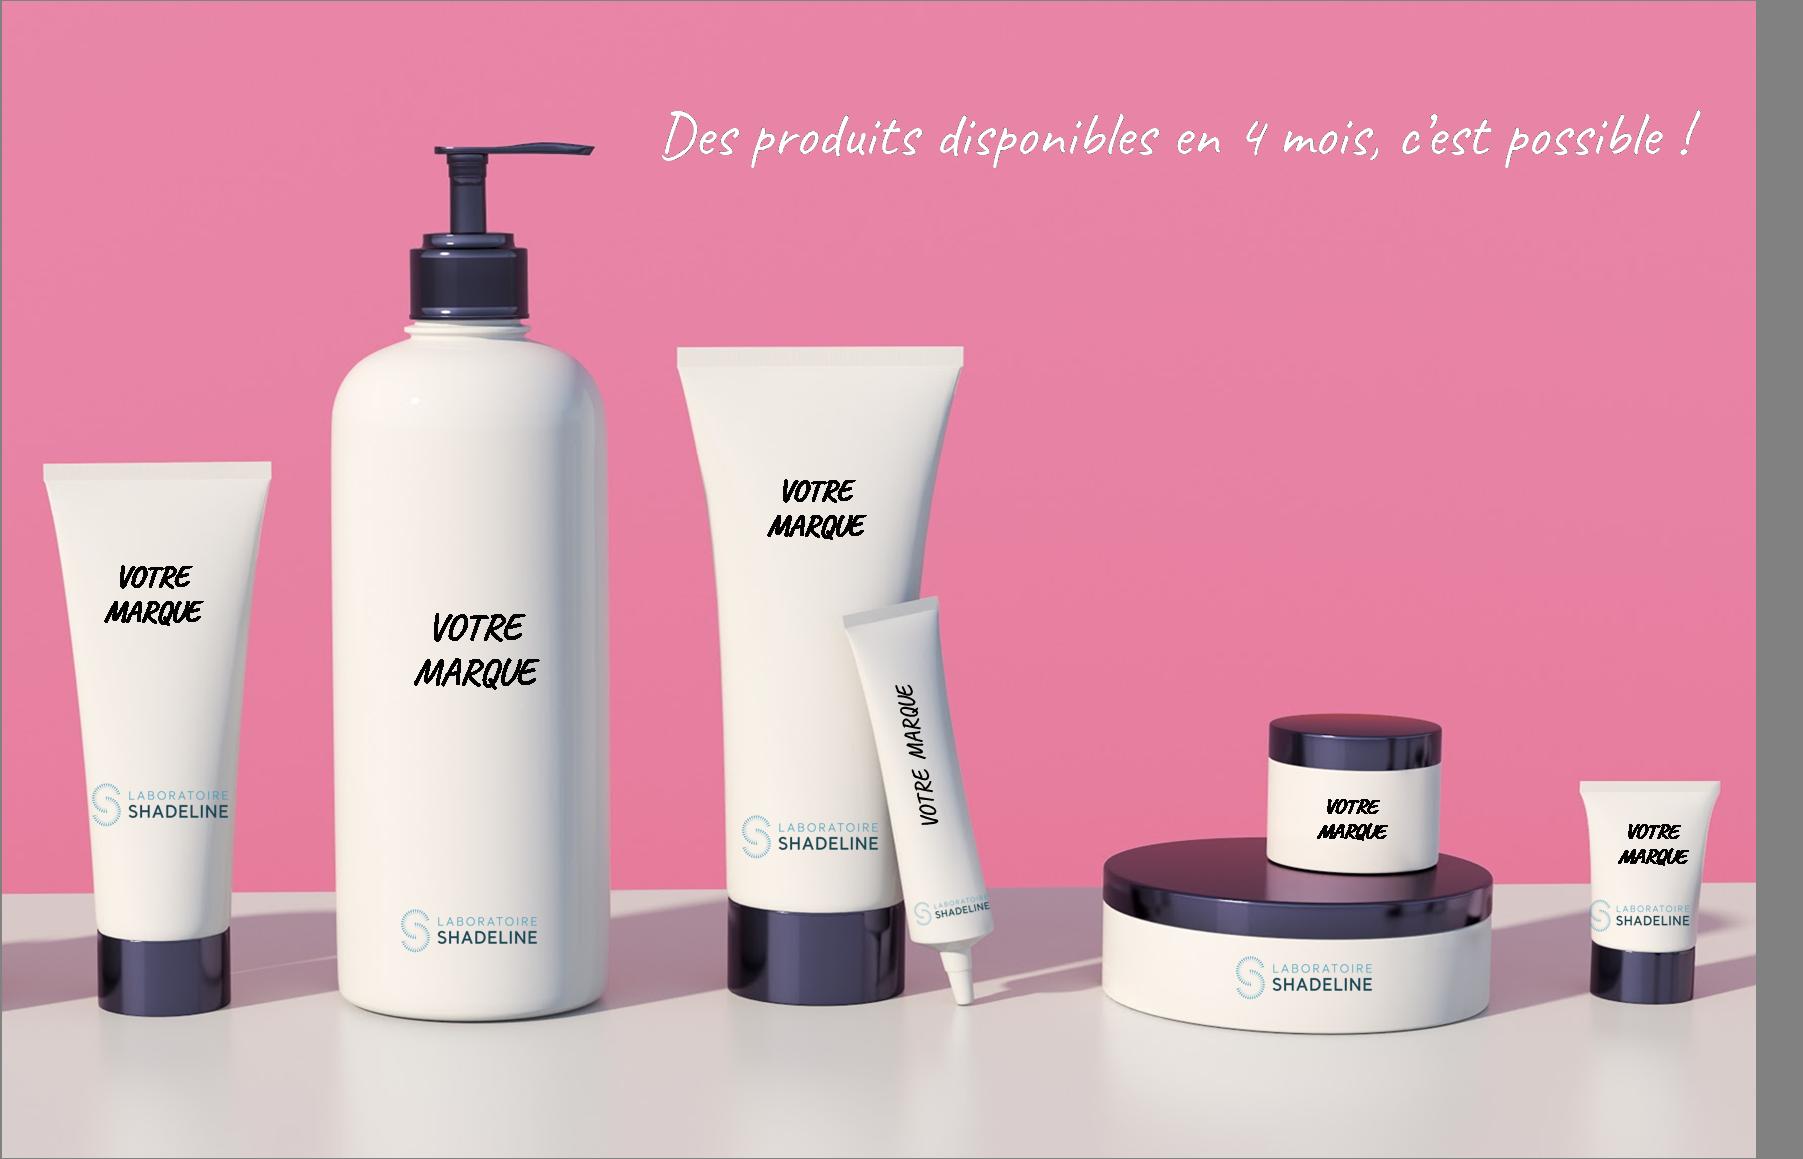 Offre clé en main de produits cosmétiques et dermocosmétique ready to use sur le marché rapidement